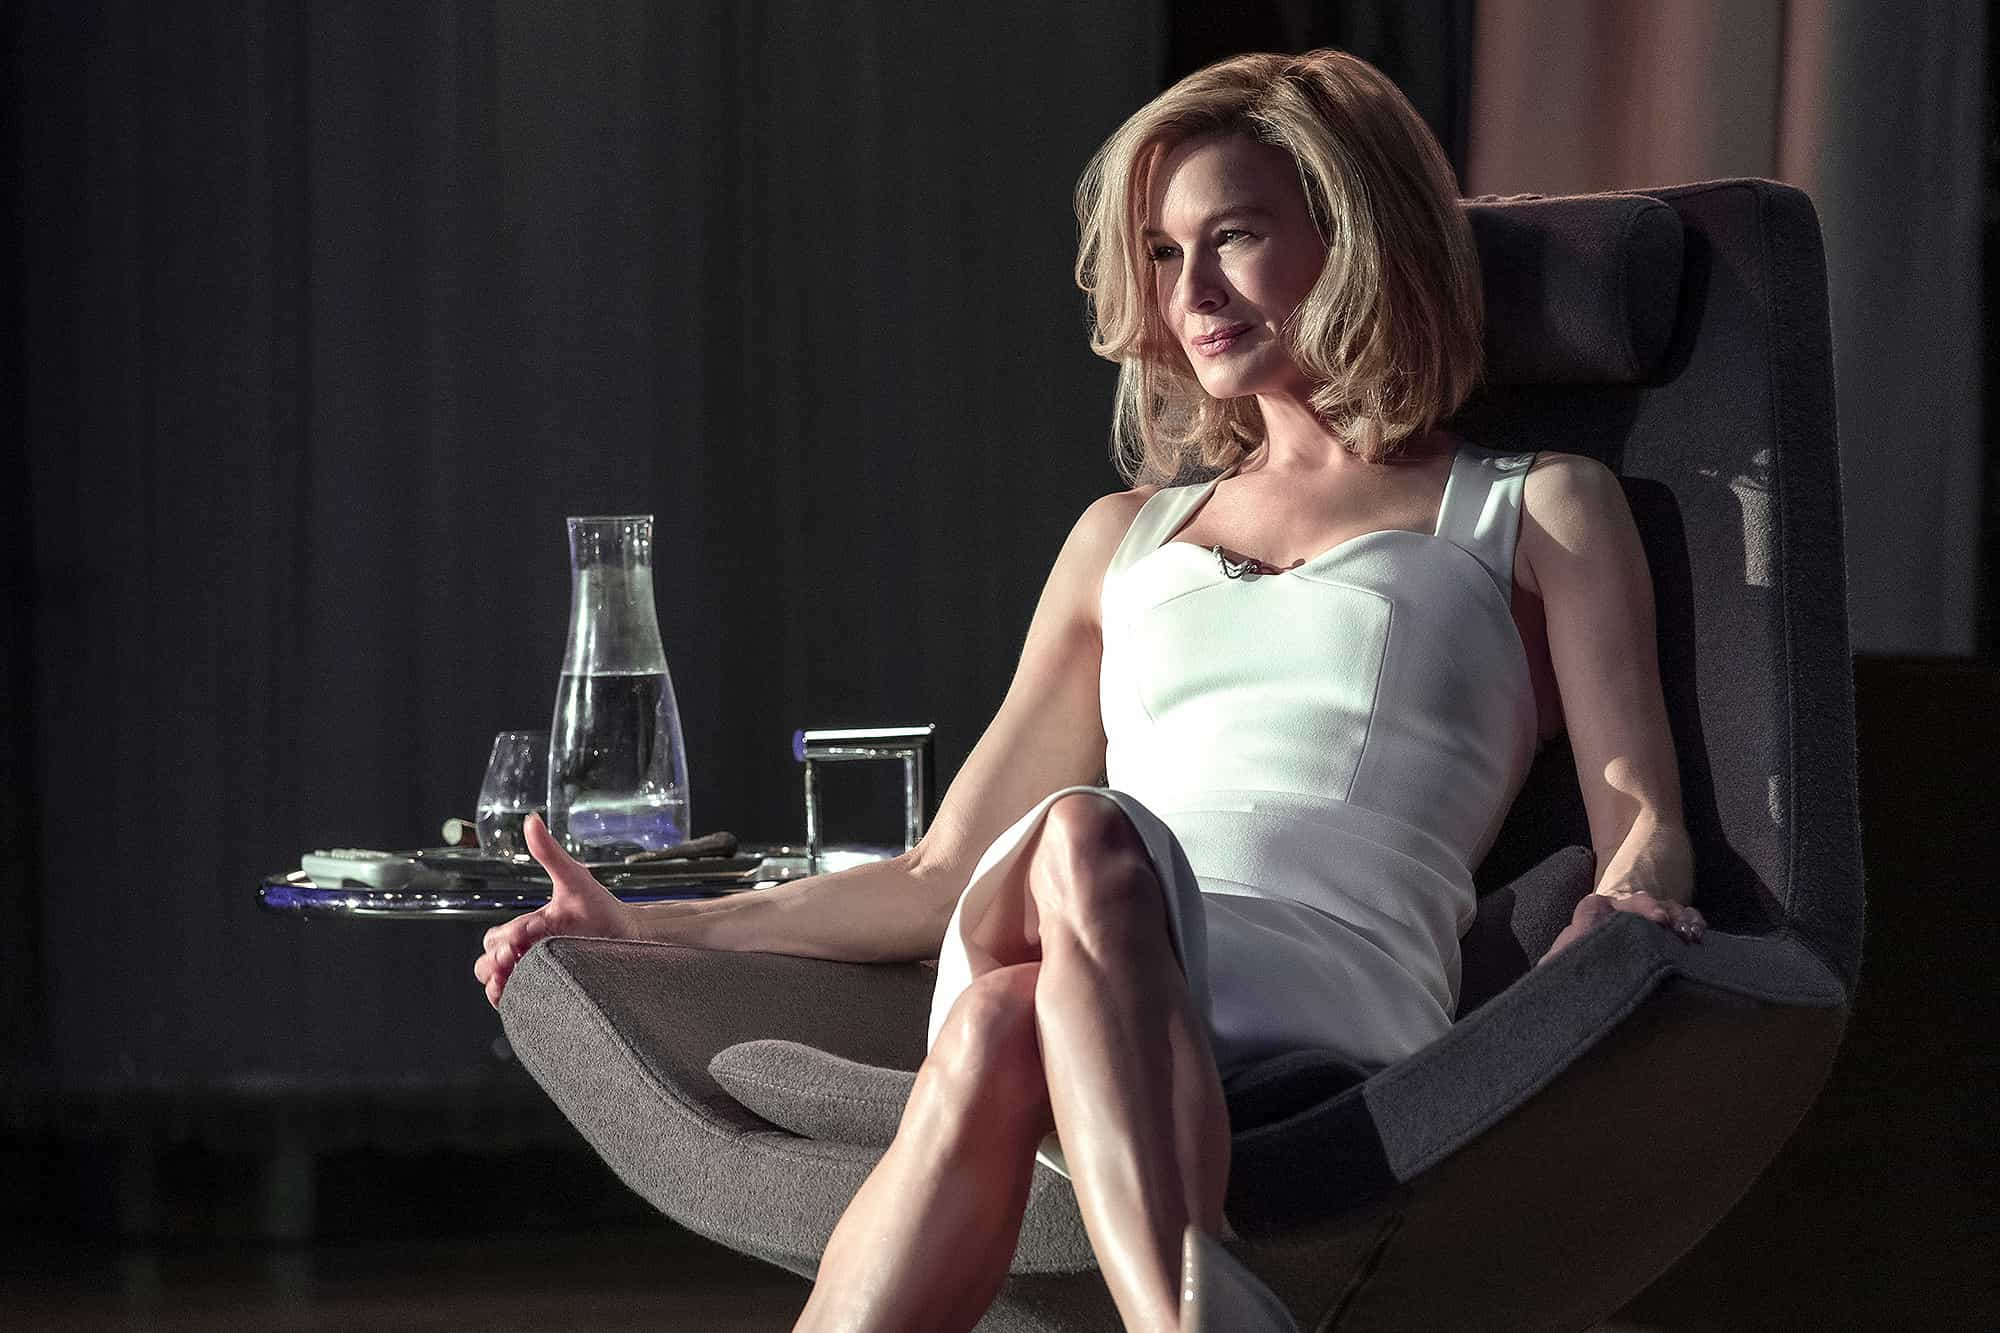 Próxima série original da Netflix tem Renée Zellweger no papel principal